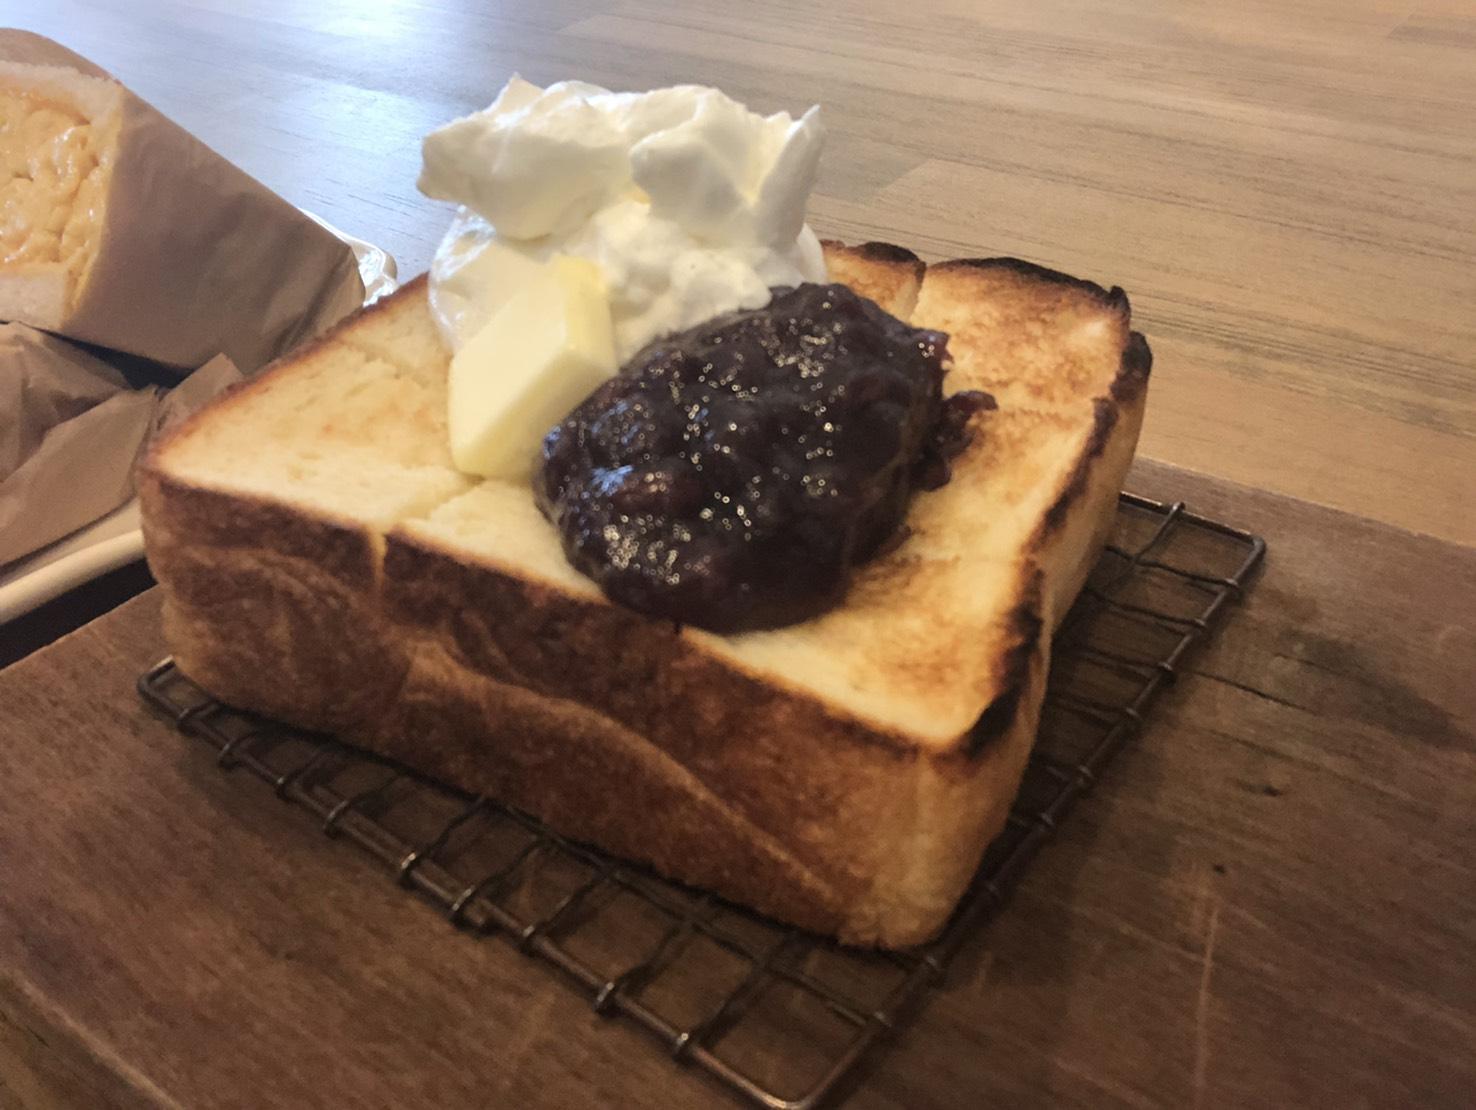 尼ケ坂|食パン専門店!イートインでもテイクアウトでも楽しめる贅沢カフェ